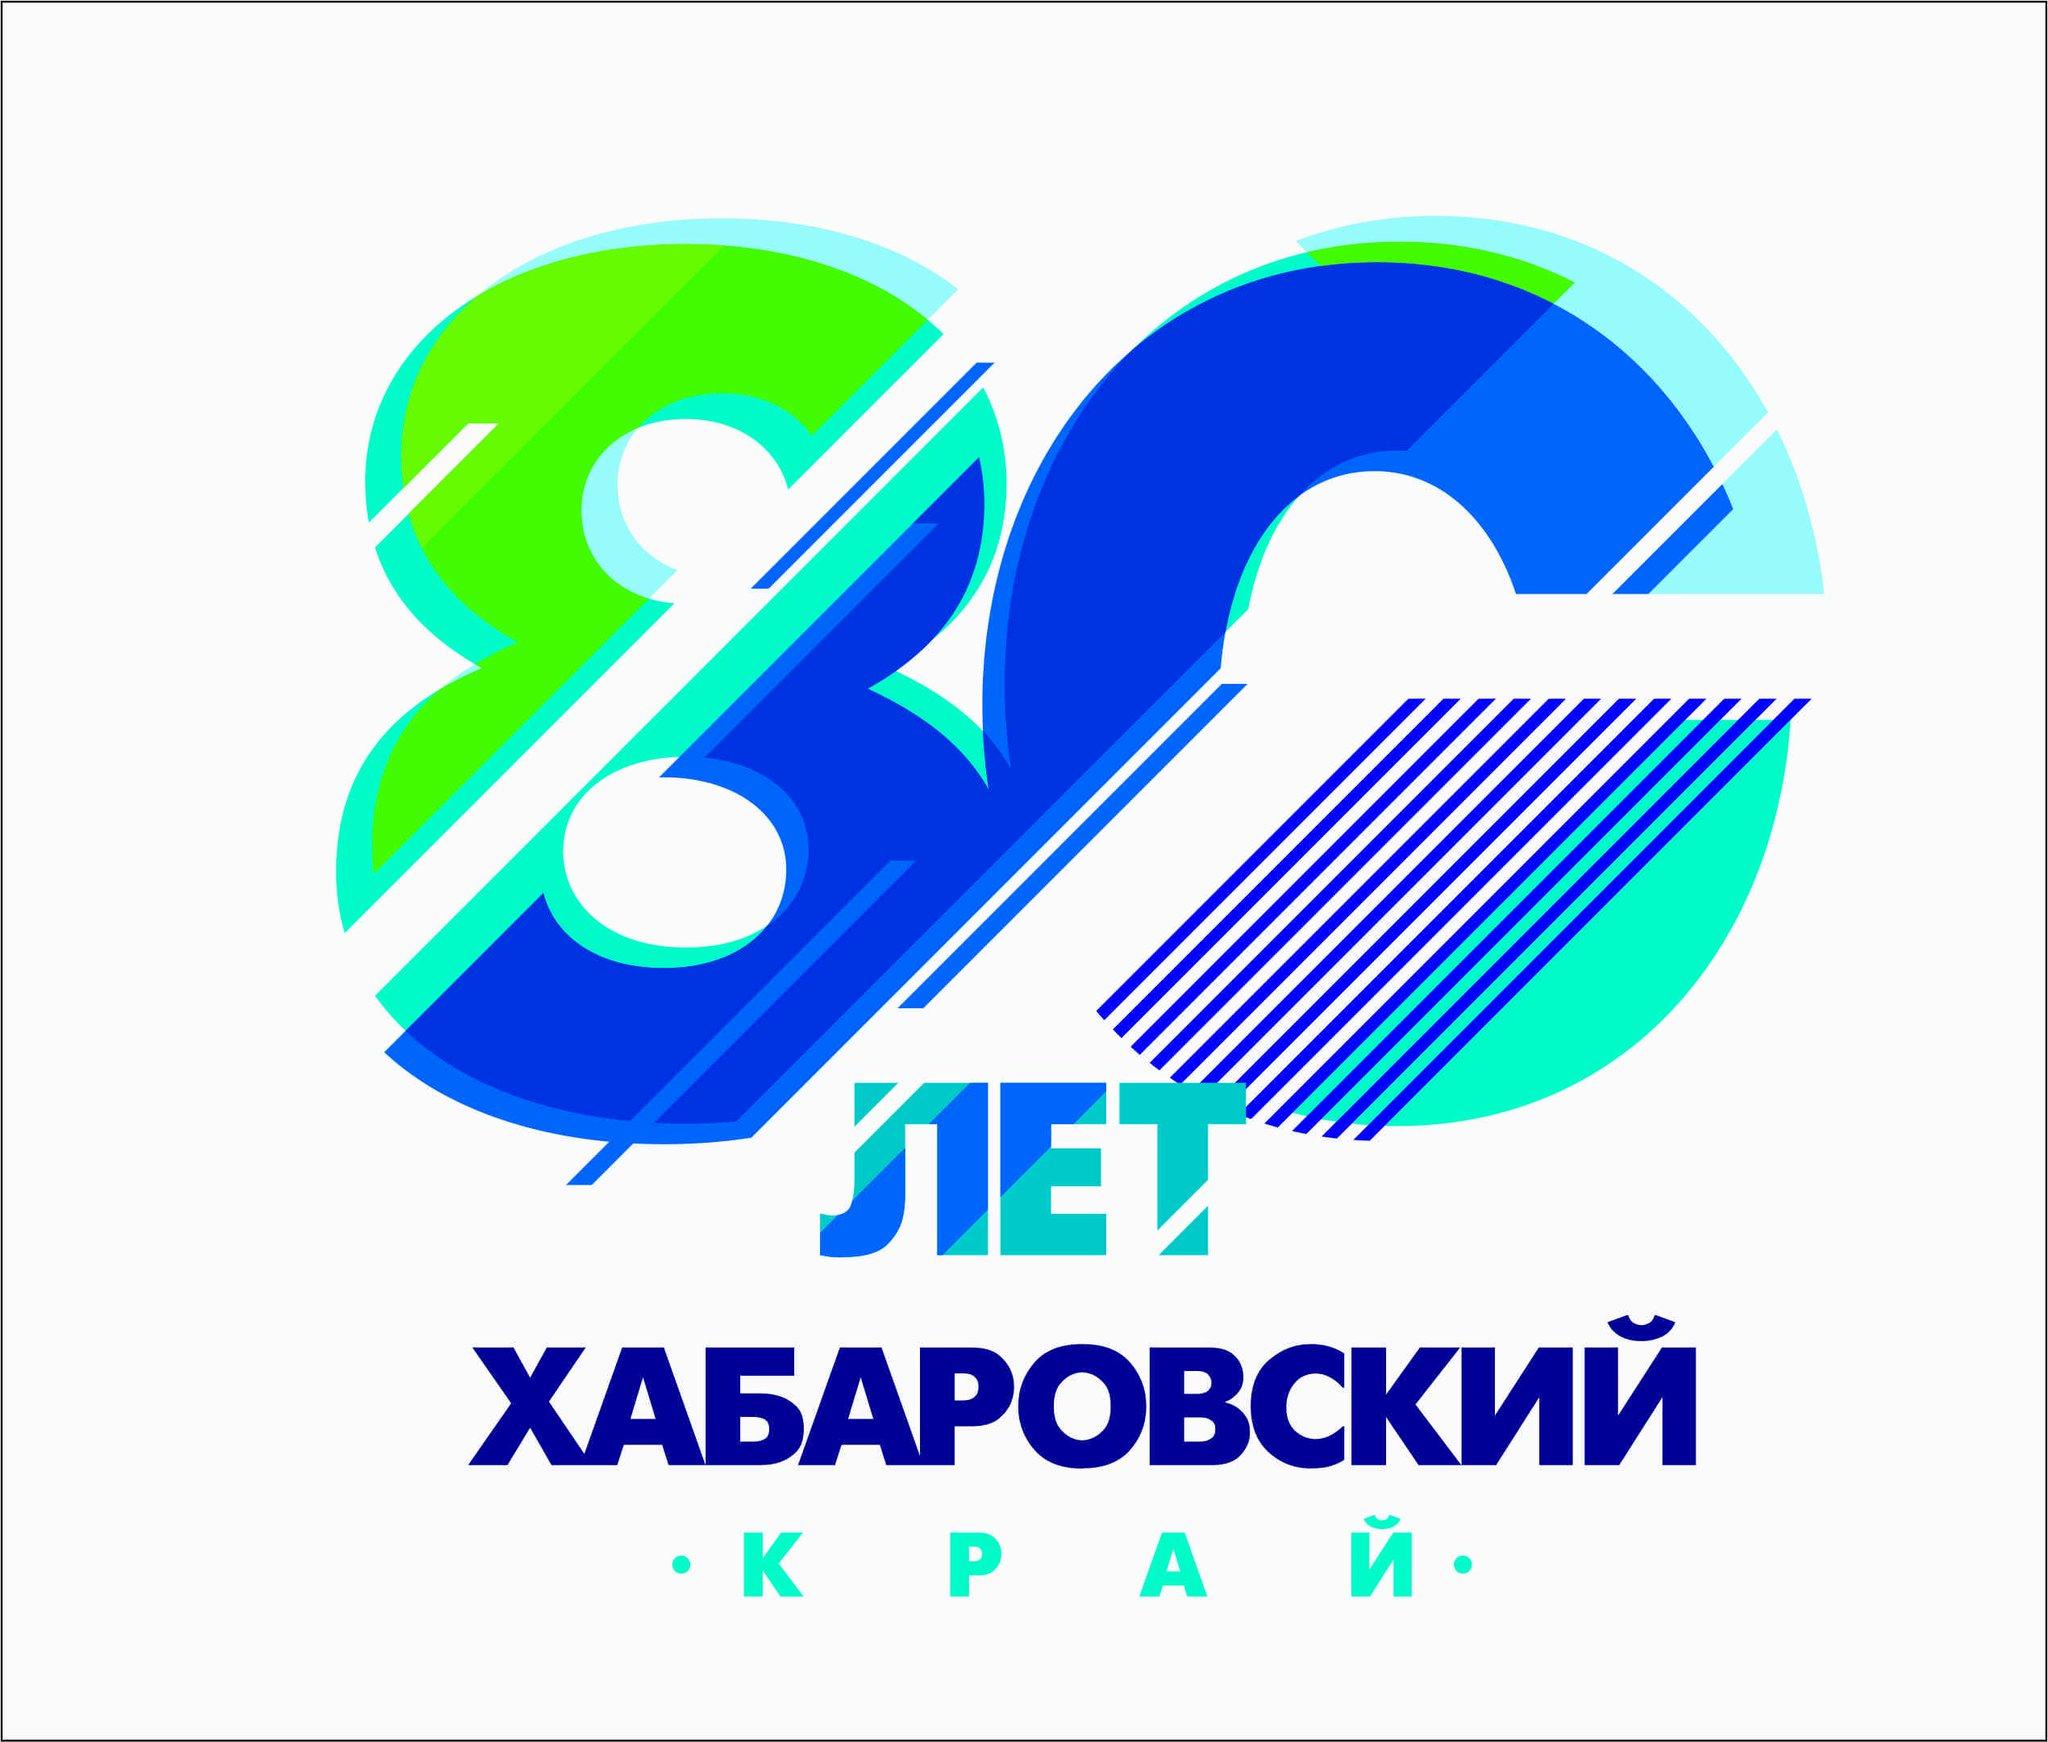 картинка день хабаровского края самым экзотическим экземплярам